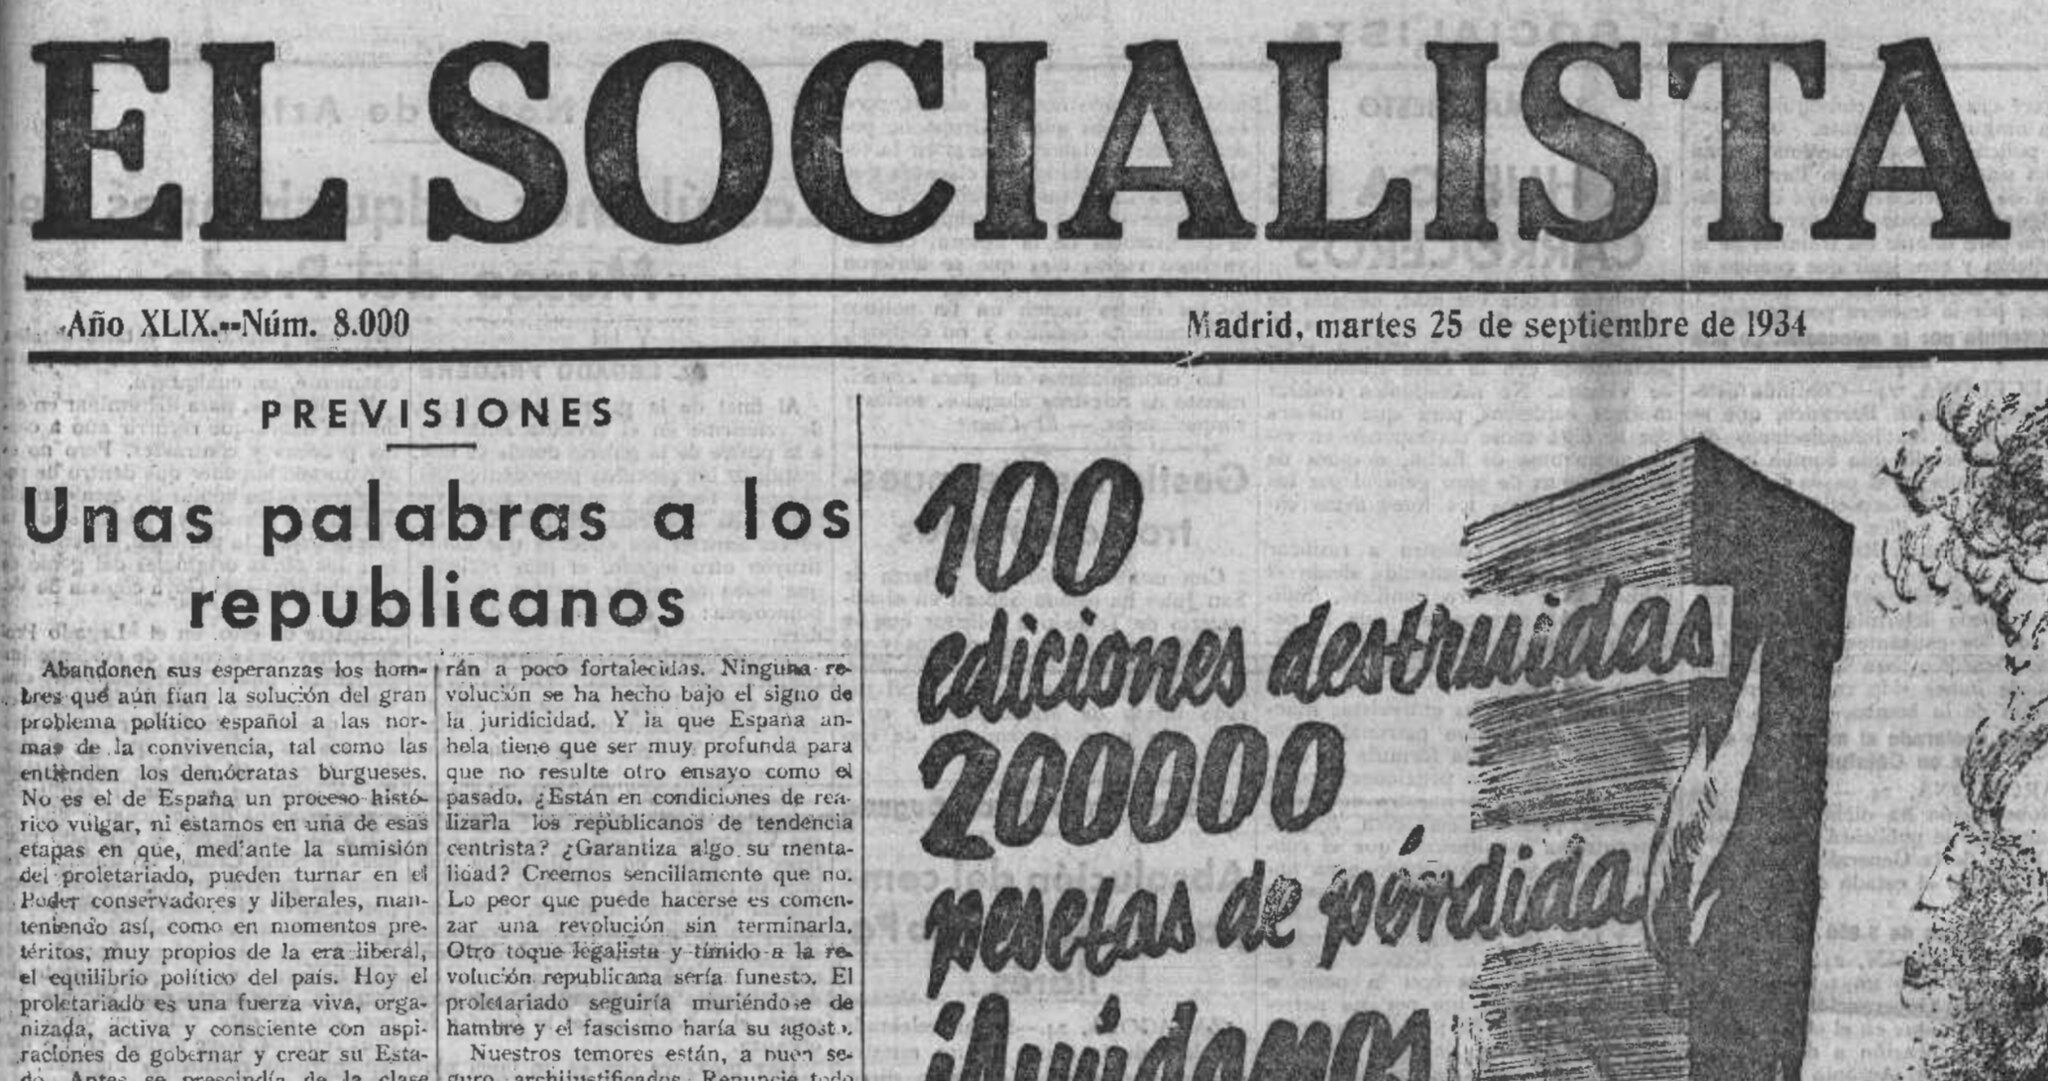 El socialista 25 de Septiembre de 1934